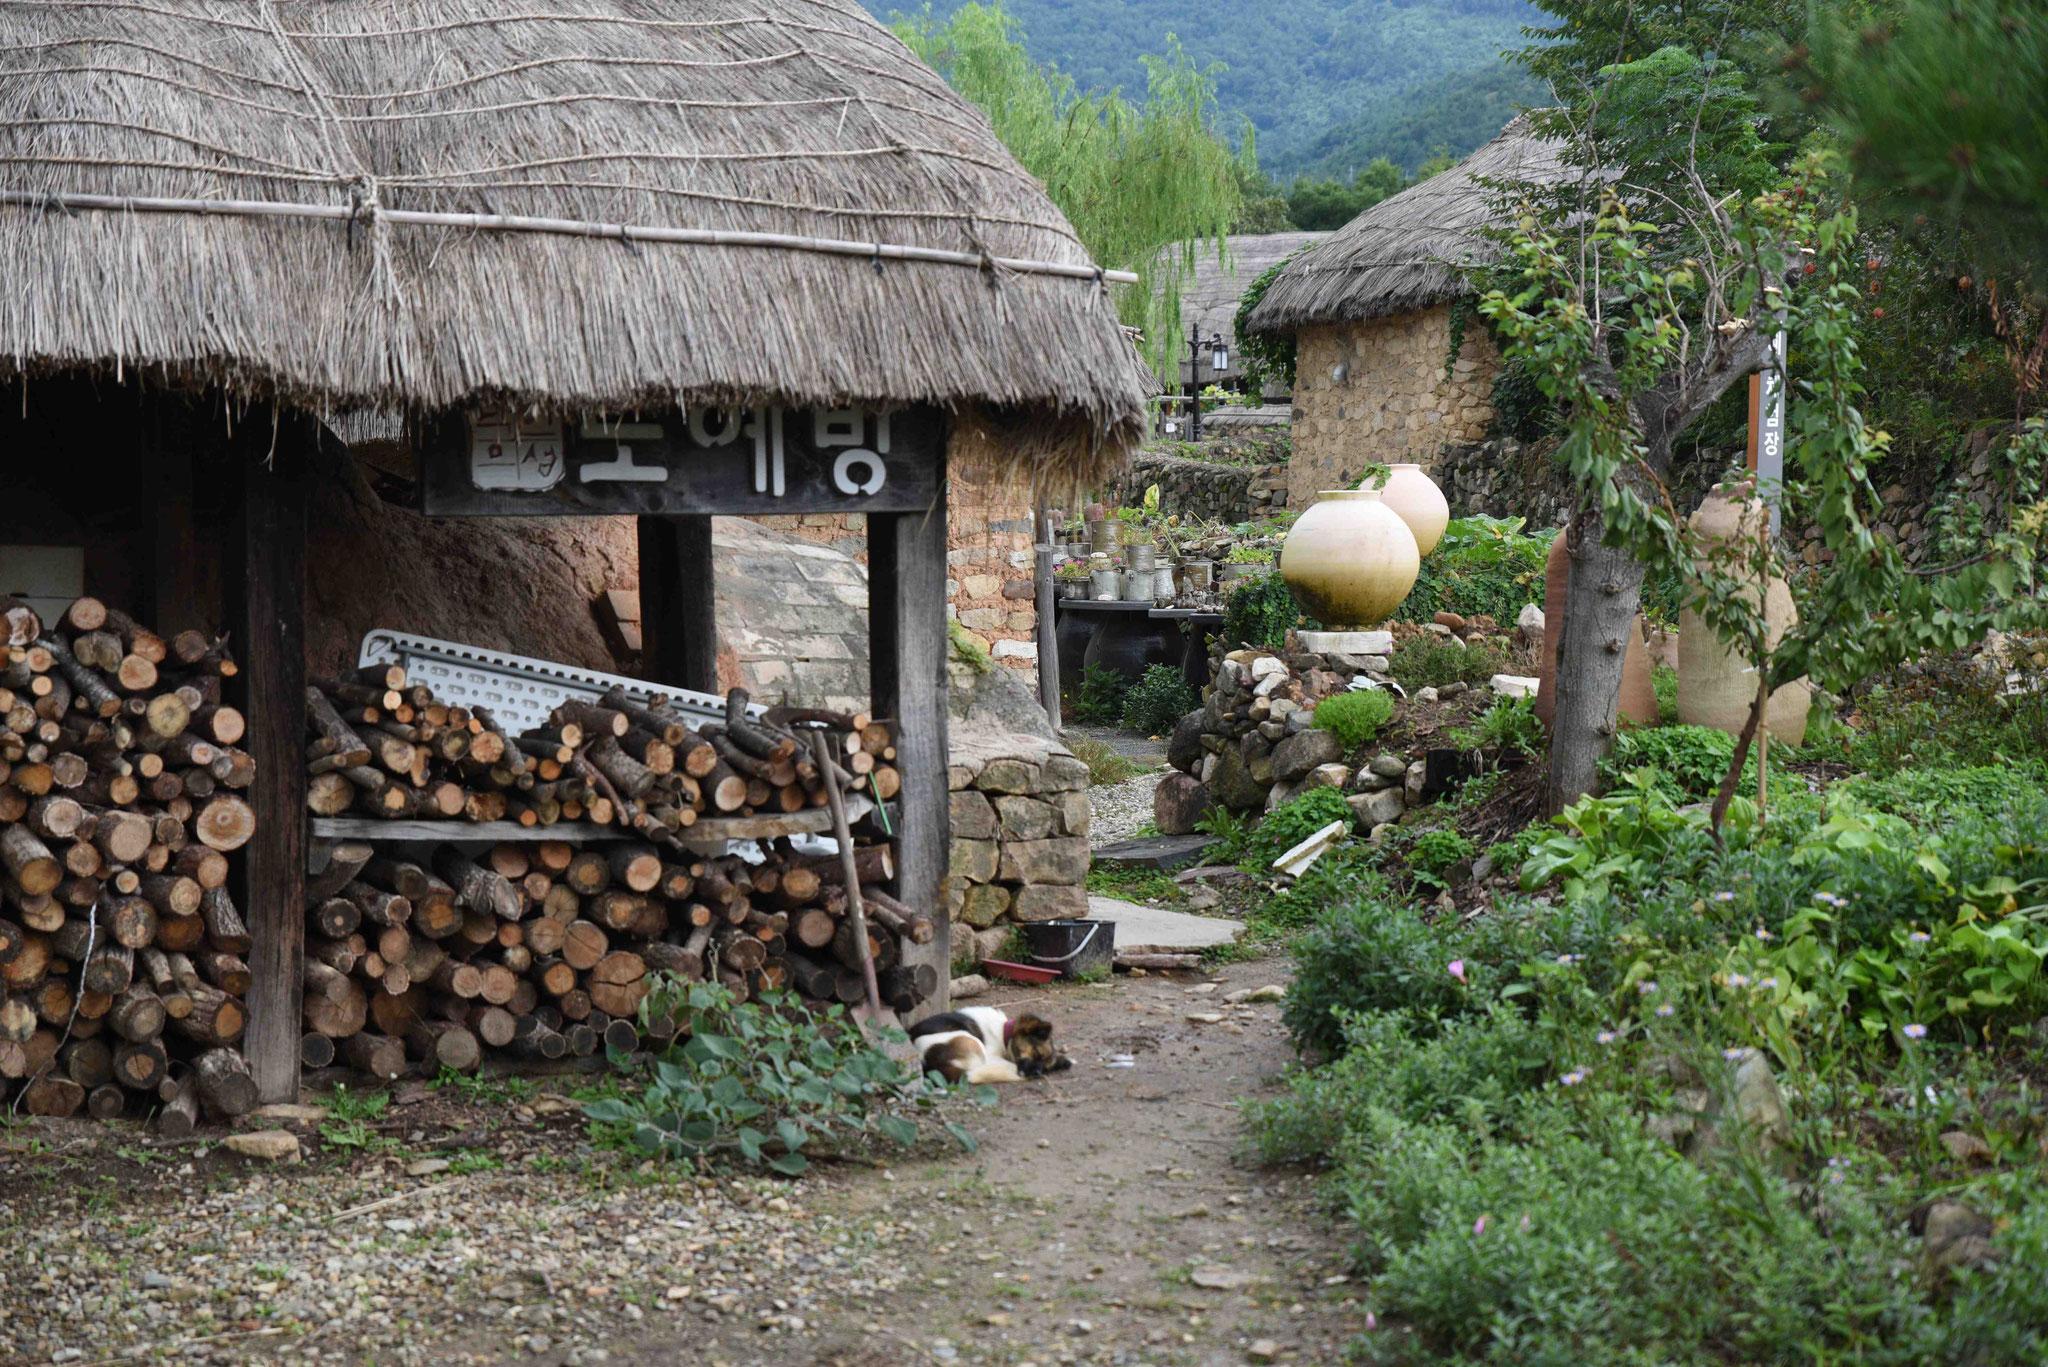 Hinterhof - Holz für die Heizung